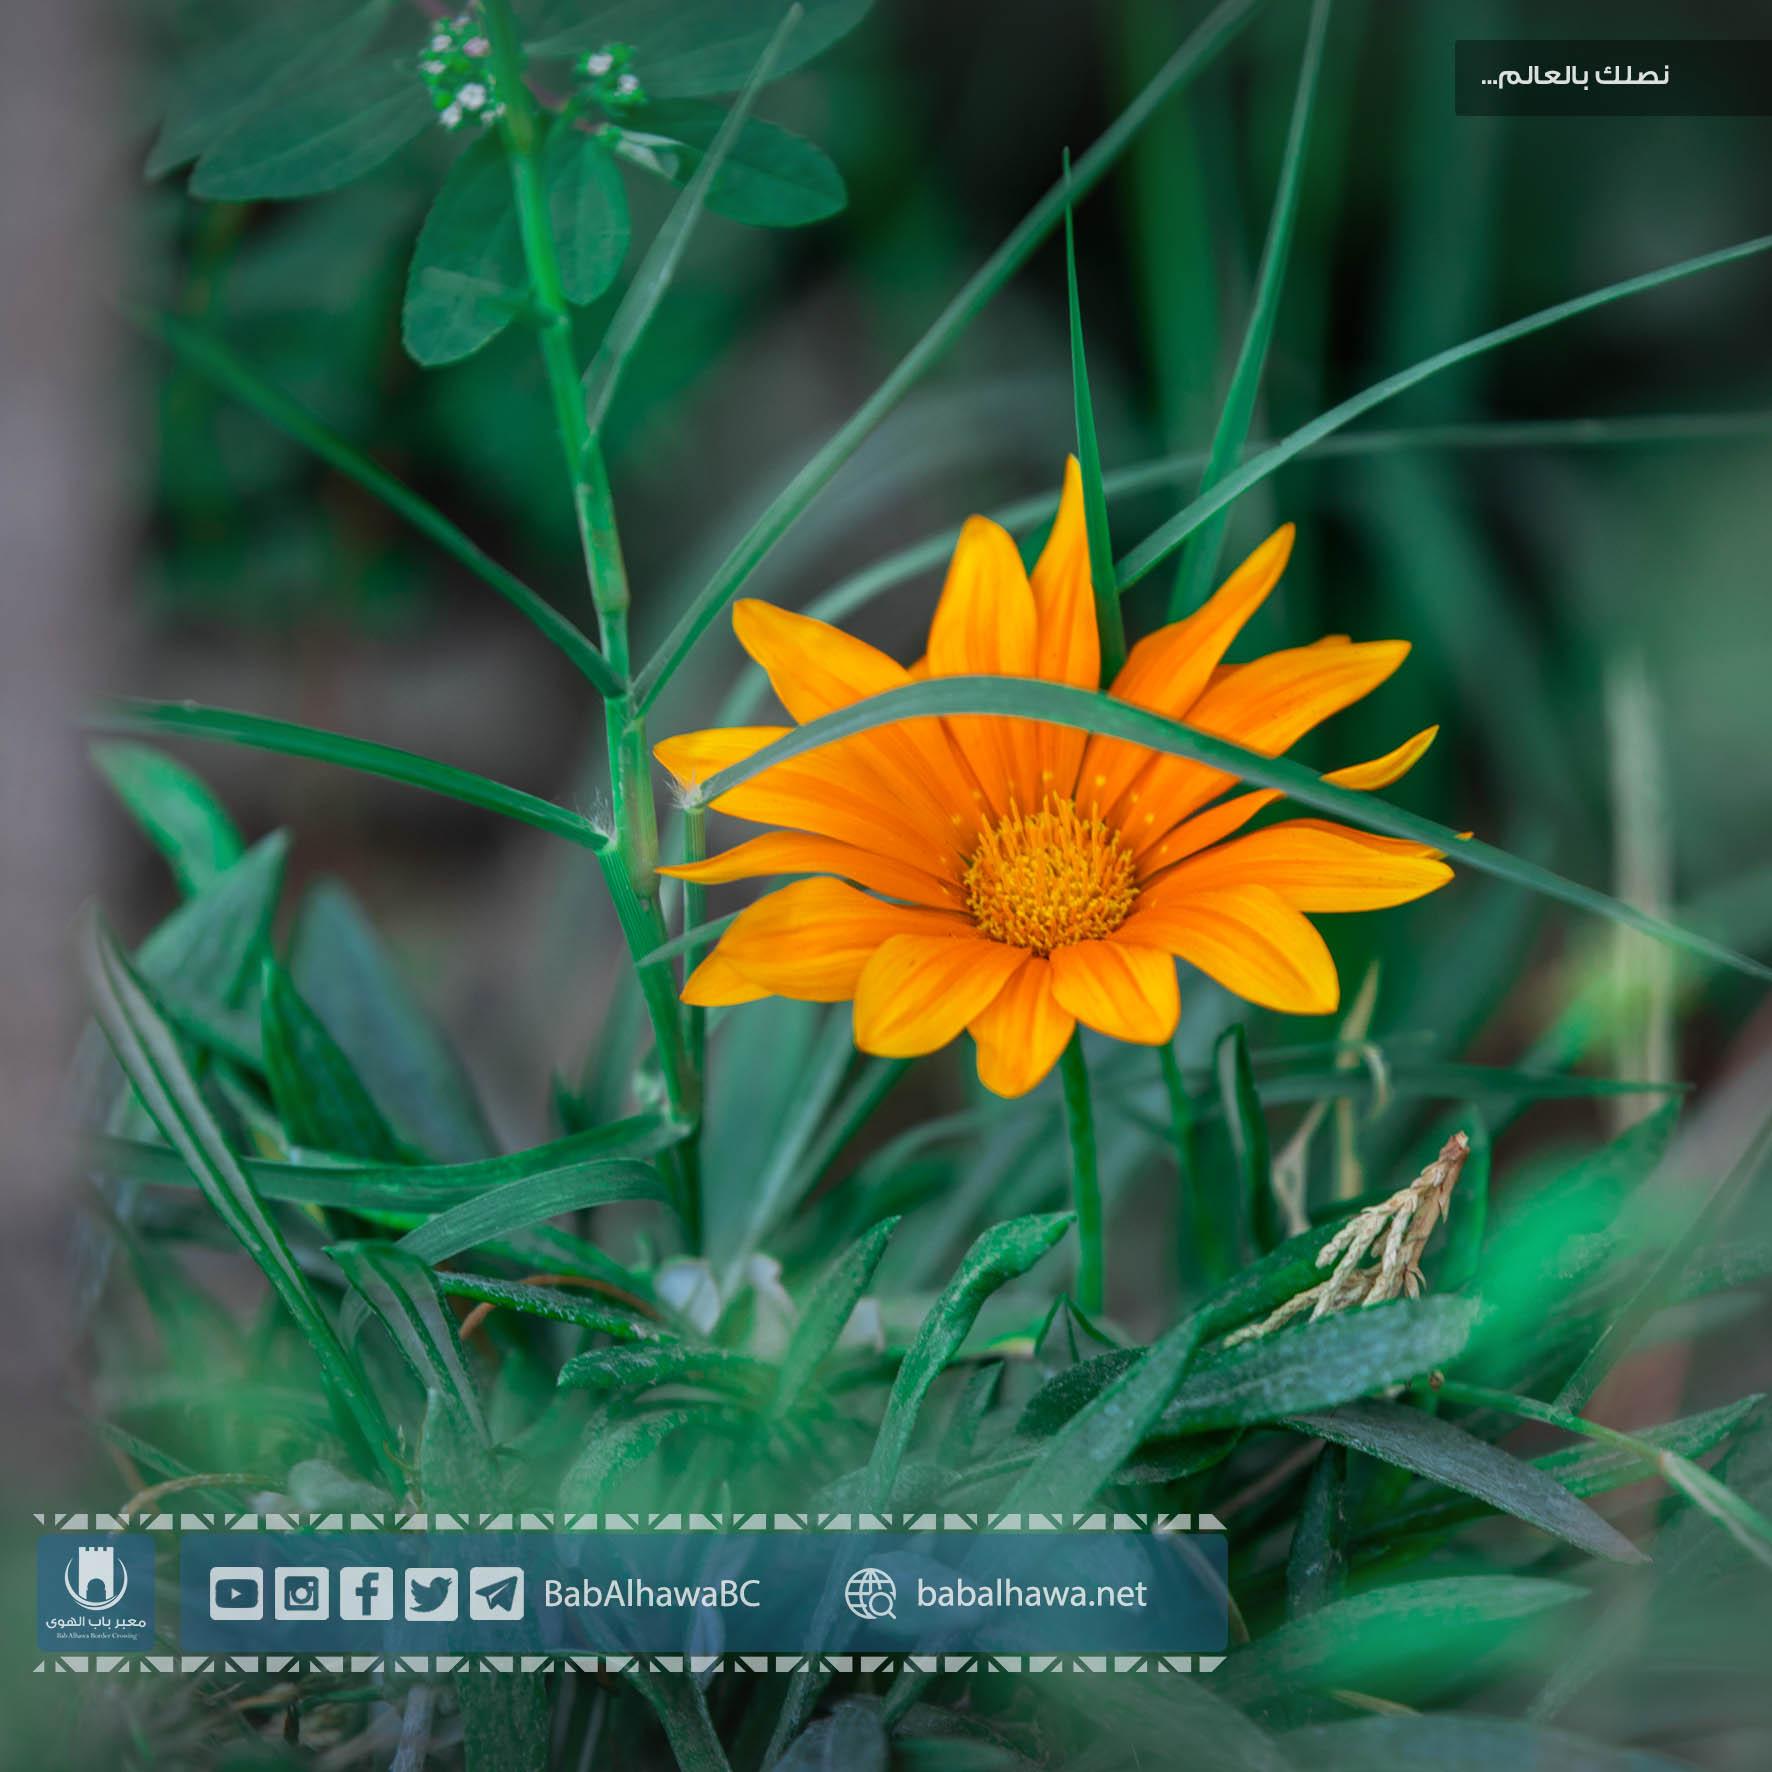 زهرة الشمس في حديقة معبر باب الهوى